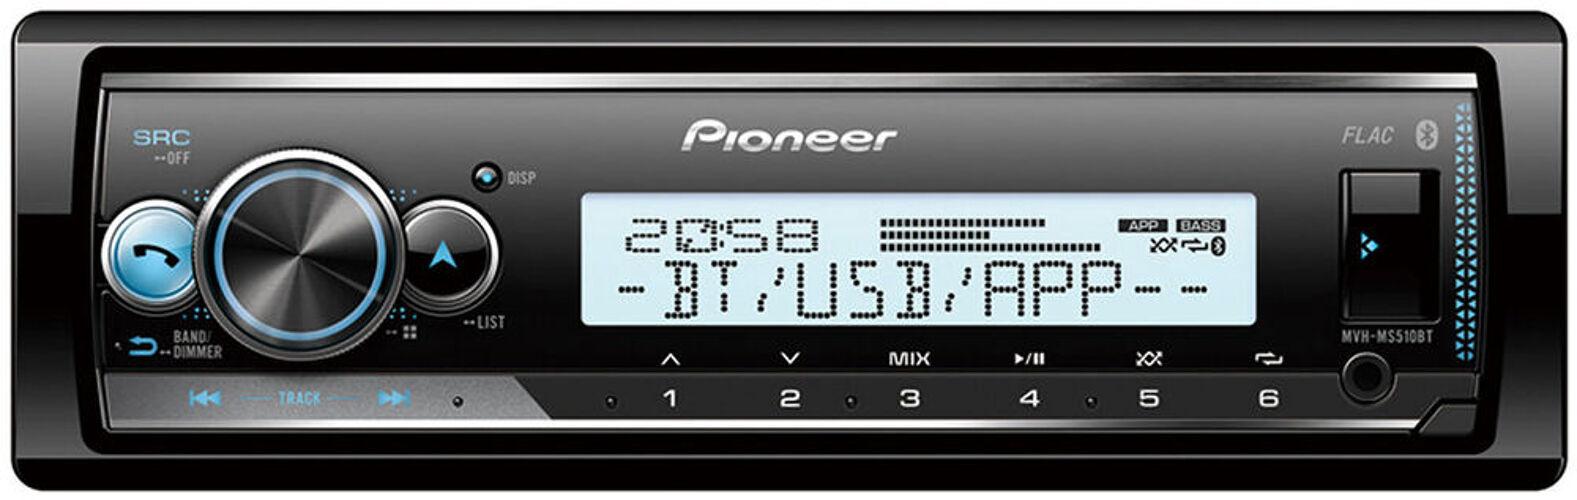 Pioneer Car MVH-MS510BT